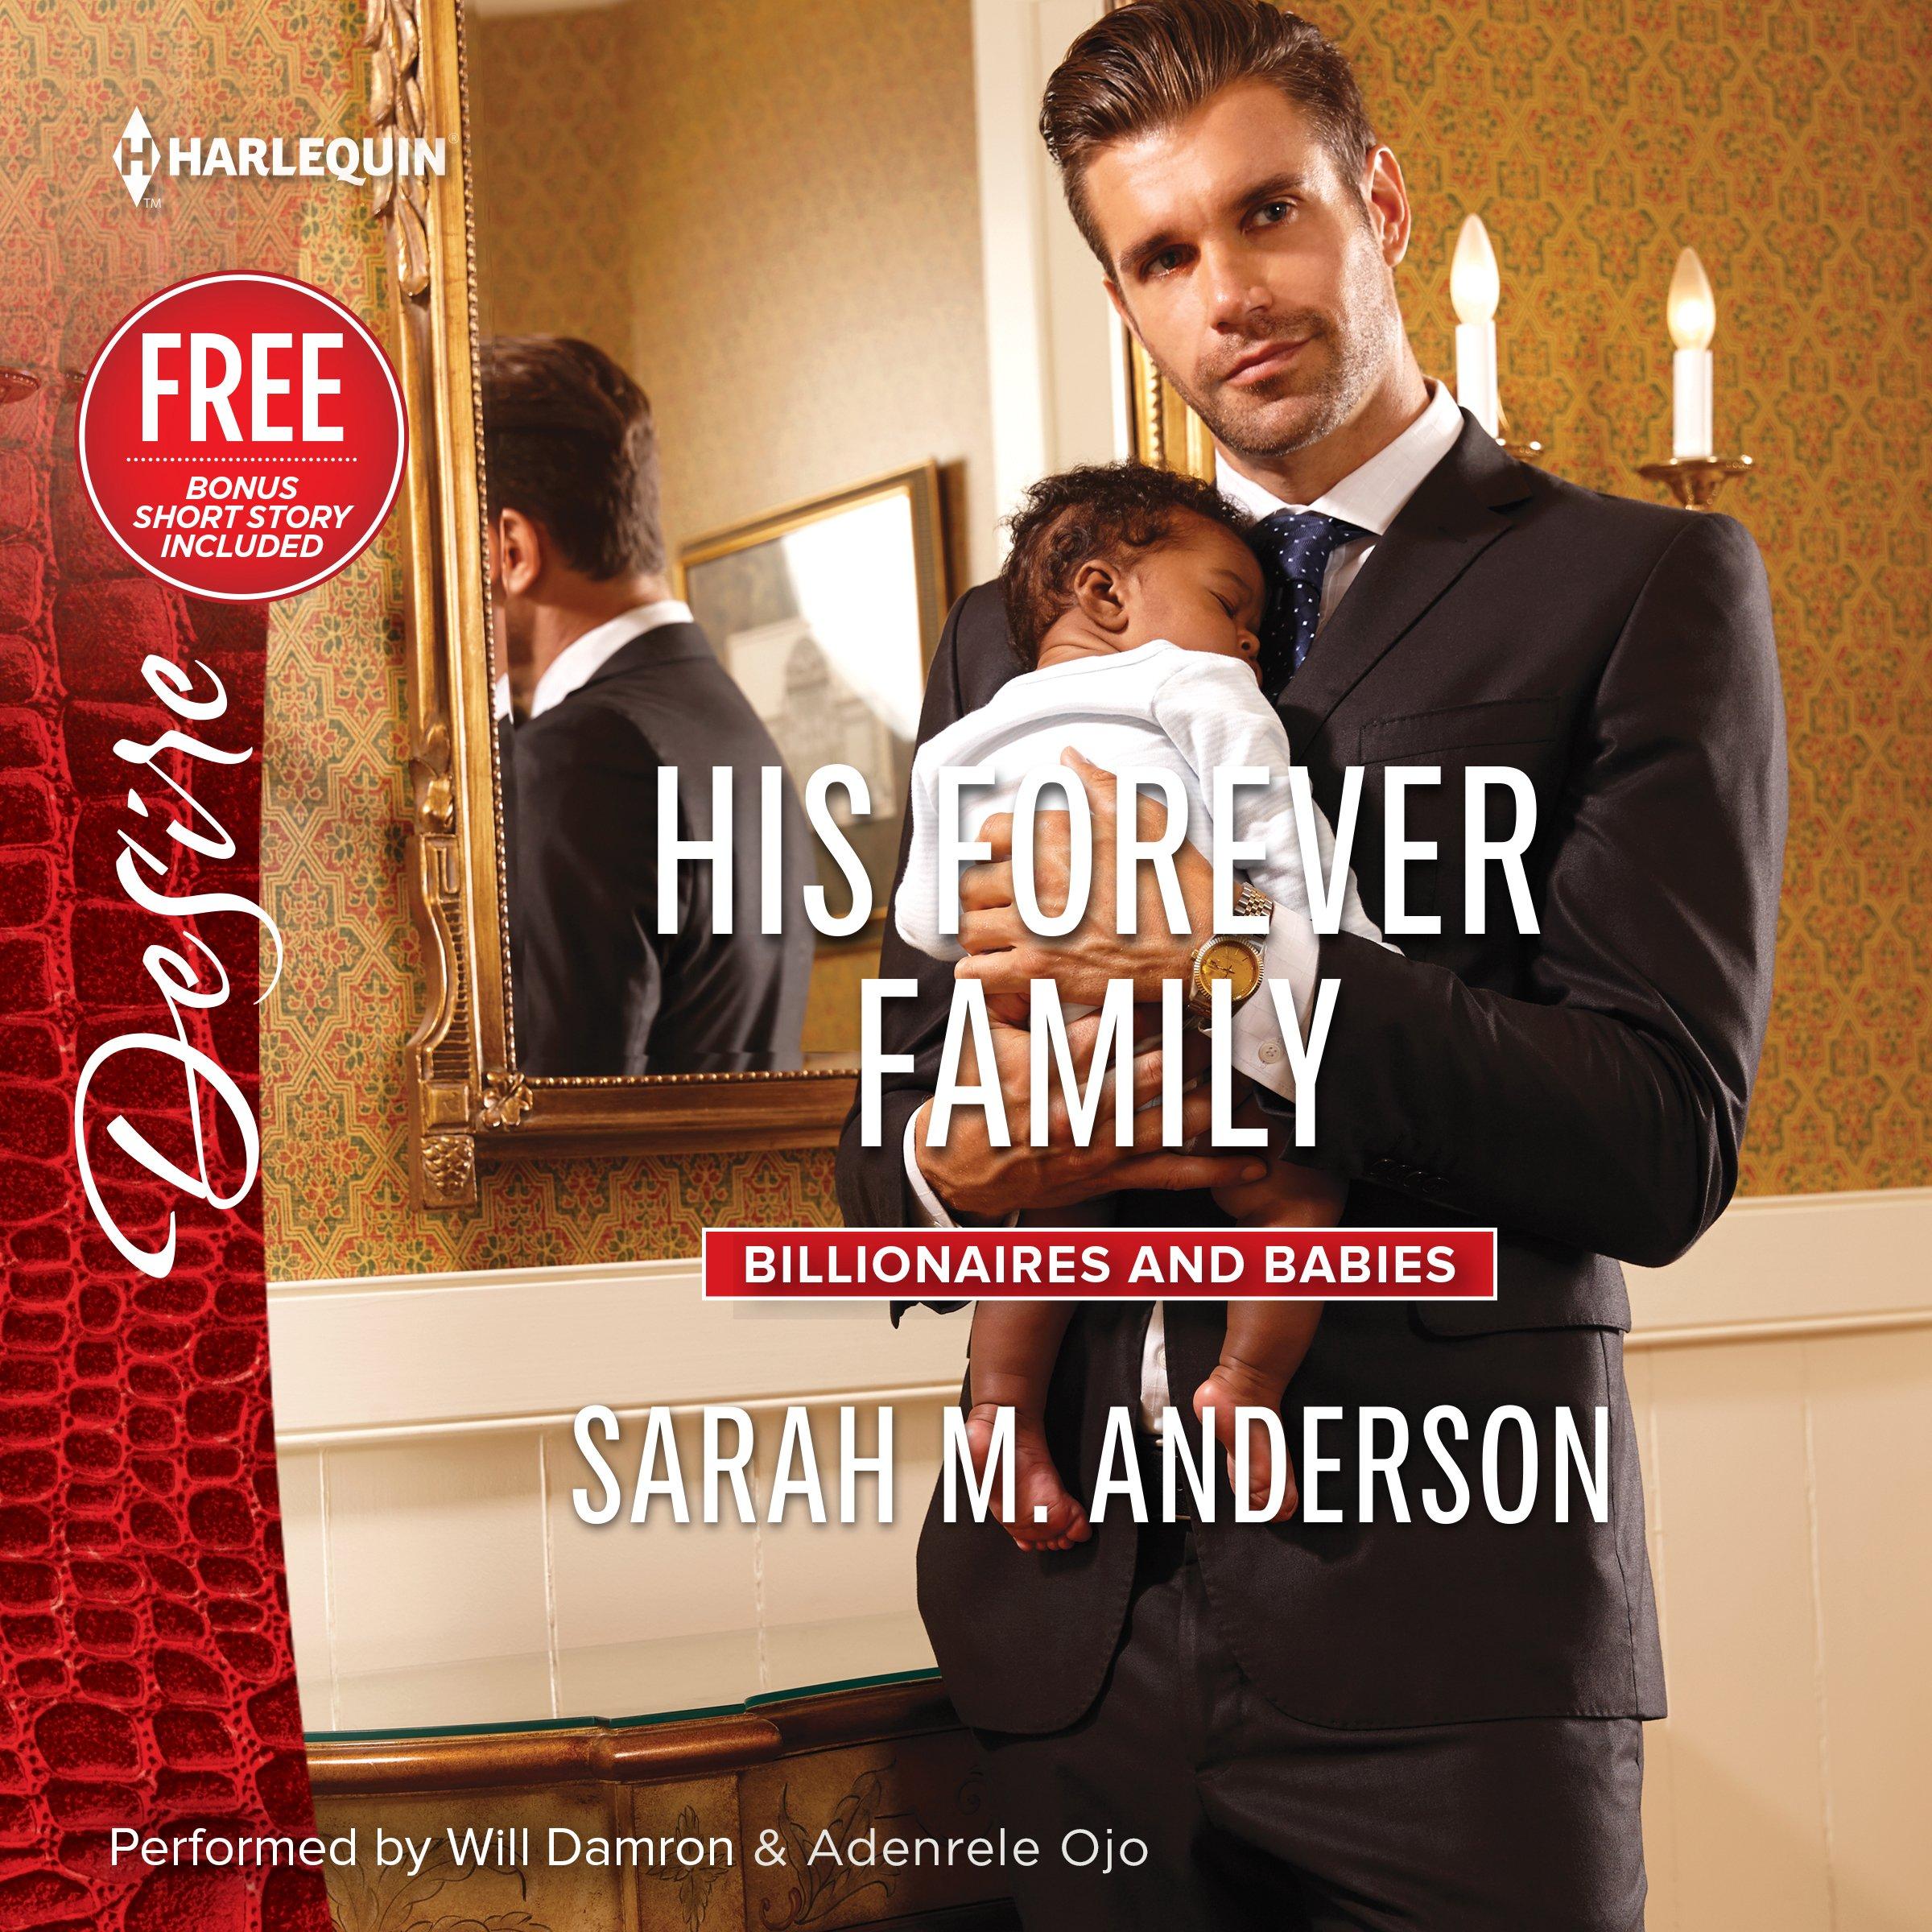 His Forever Family: w/Bonus Short Story: Never Too Late